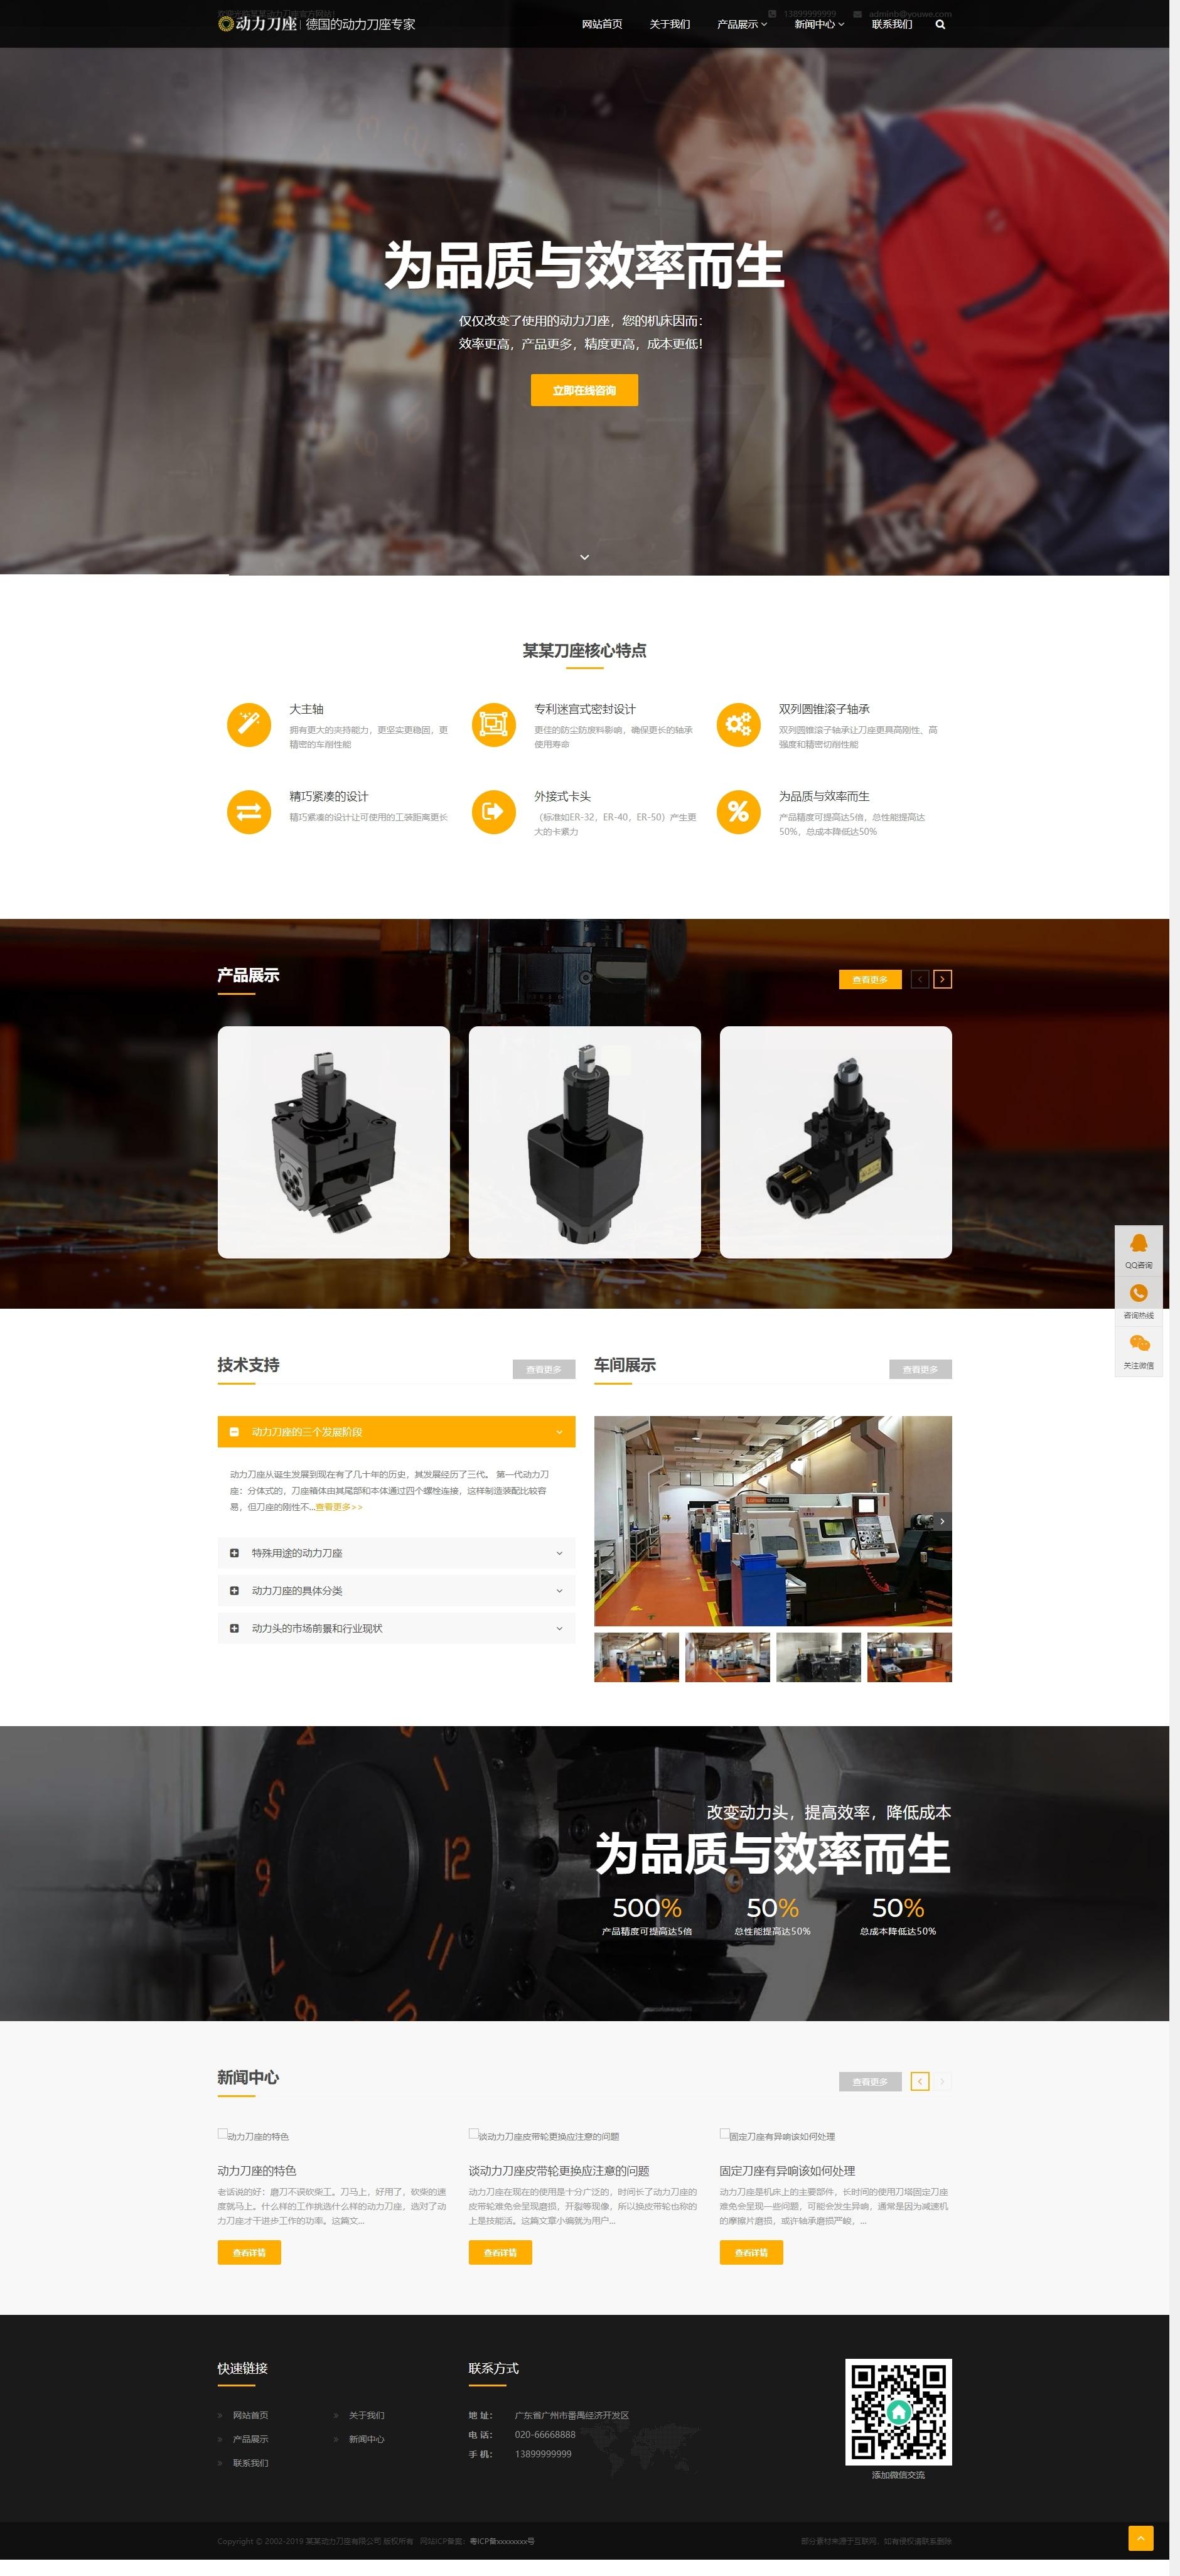 响应式动力刀座类网站筱航科技模板